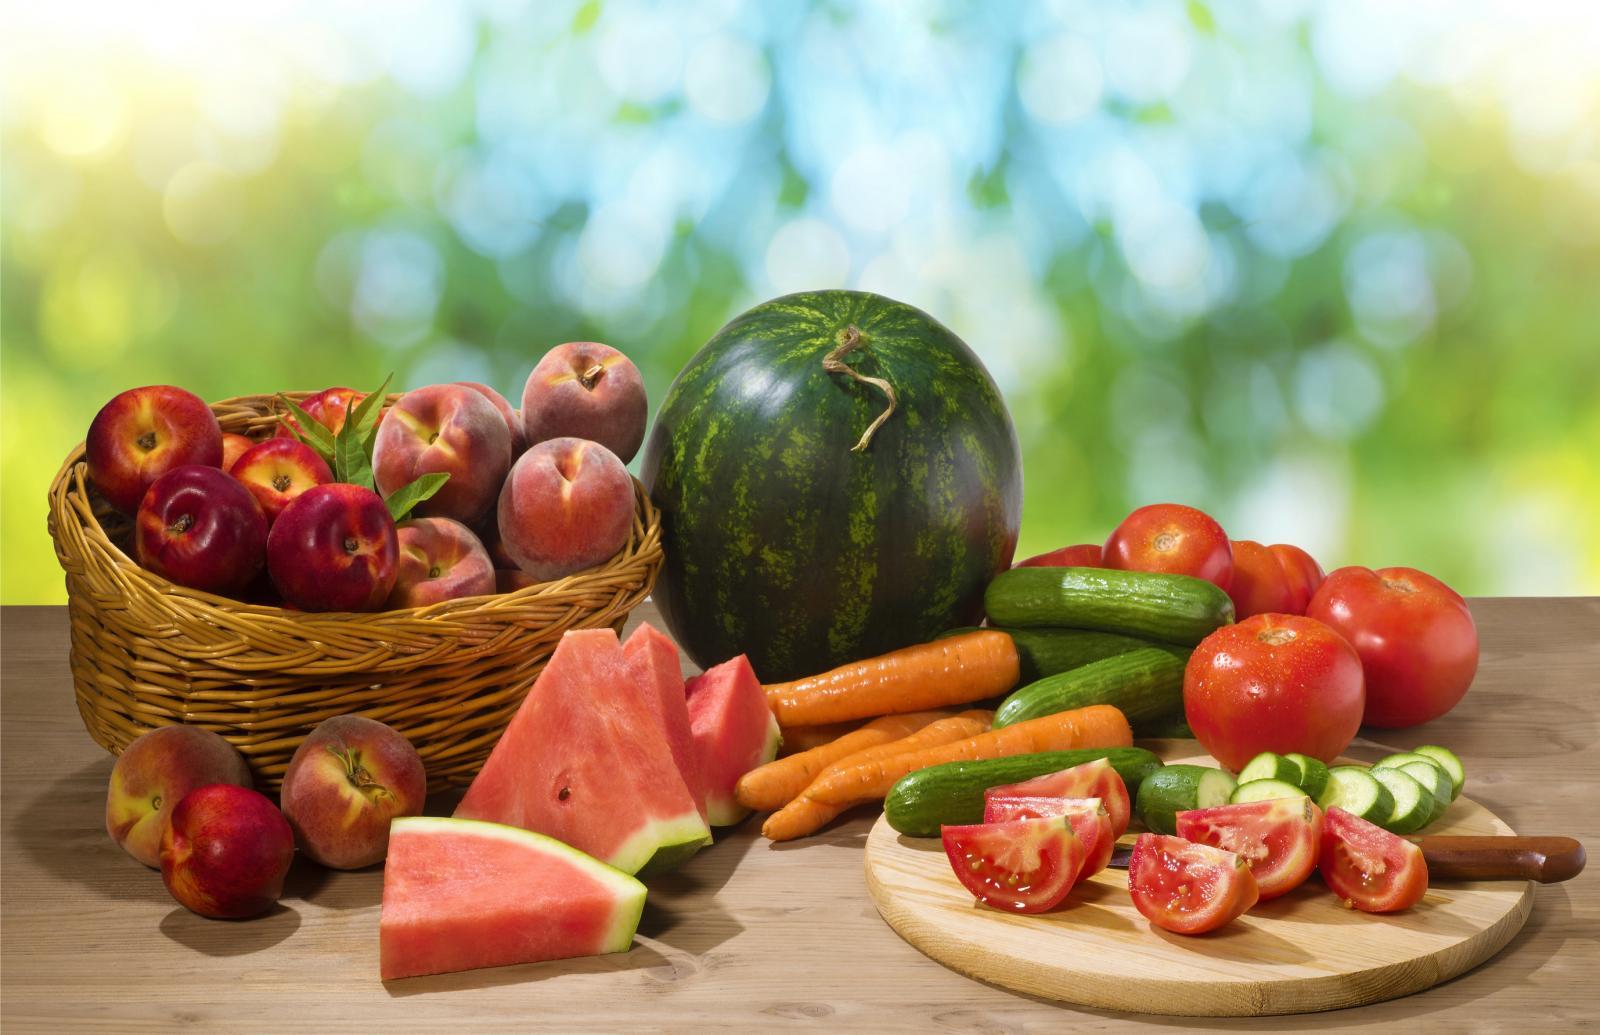 Pozitivan učinak voća i povrća ne može se ograničiti samo na prisutnost antioksidanasa, budući da je on rezultat djelovanja više stotina različitih prirodnih komponenti.